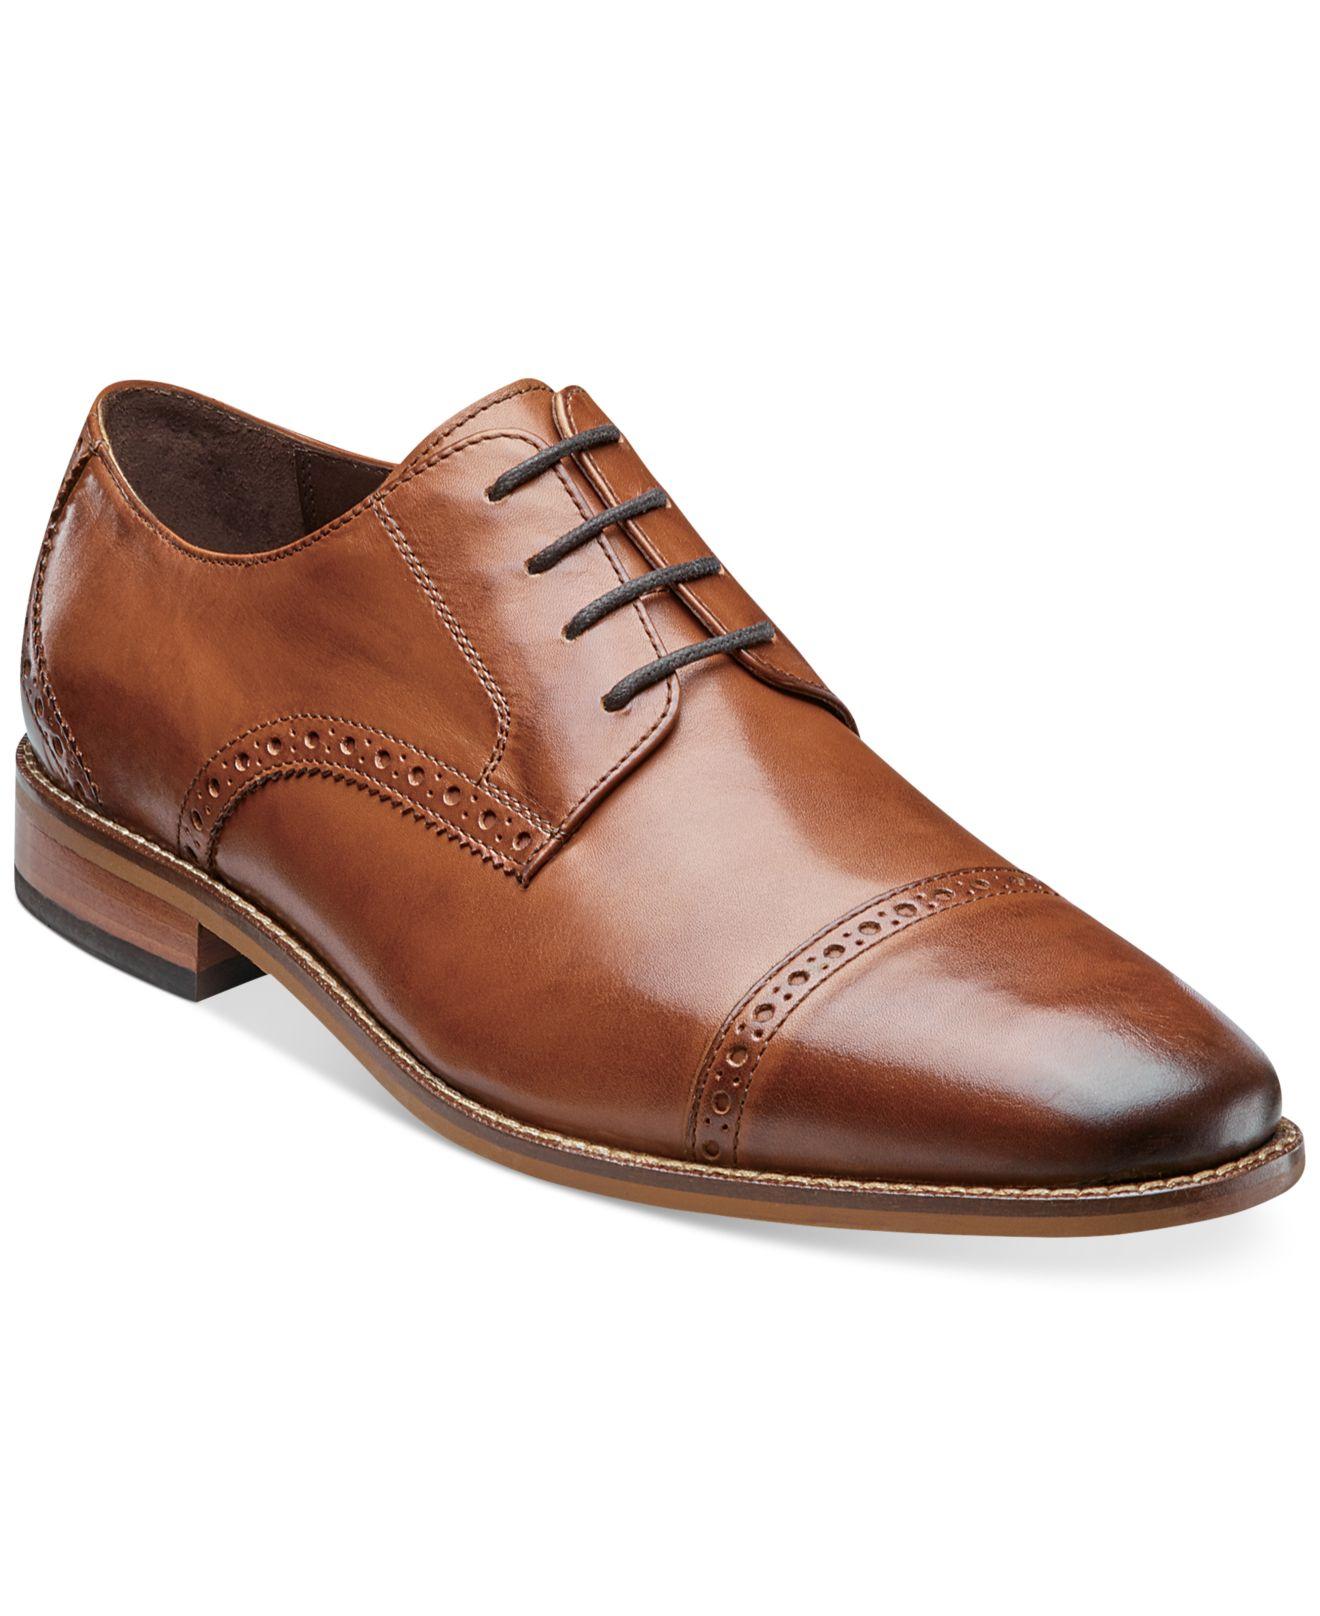 Florsheim Cap Toe Shoes